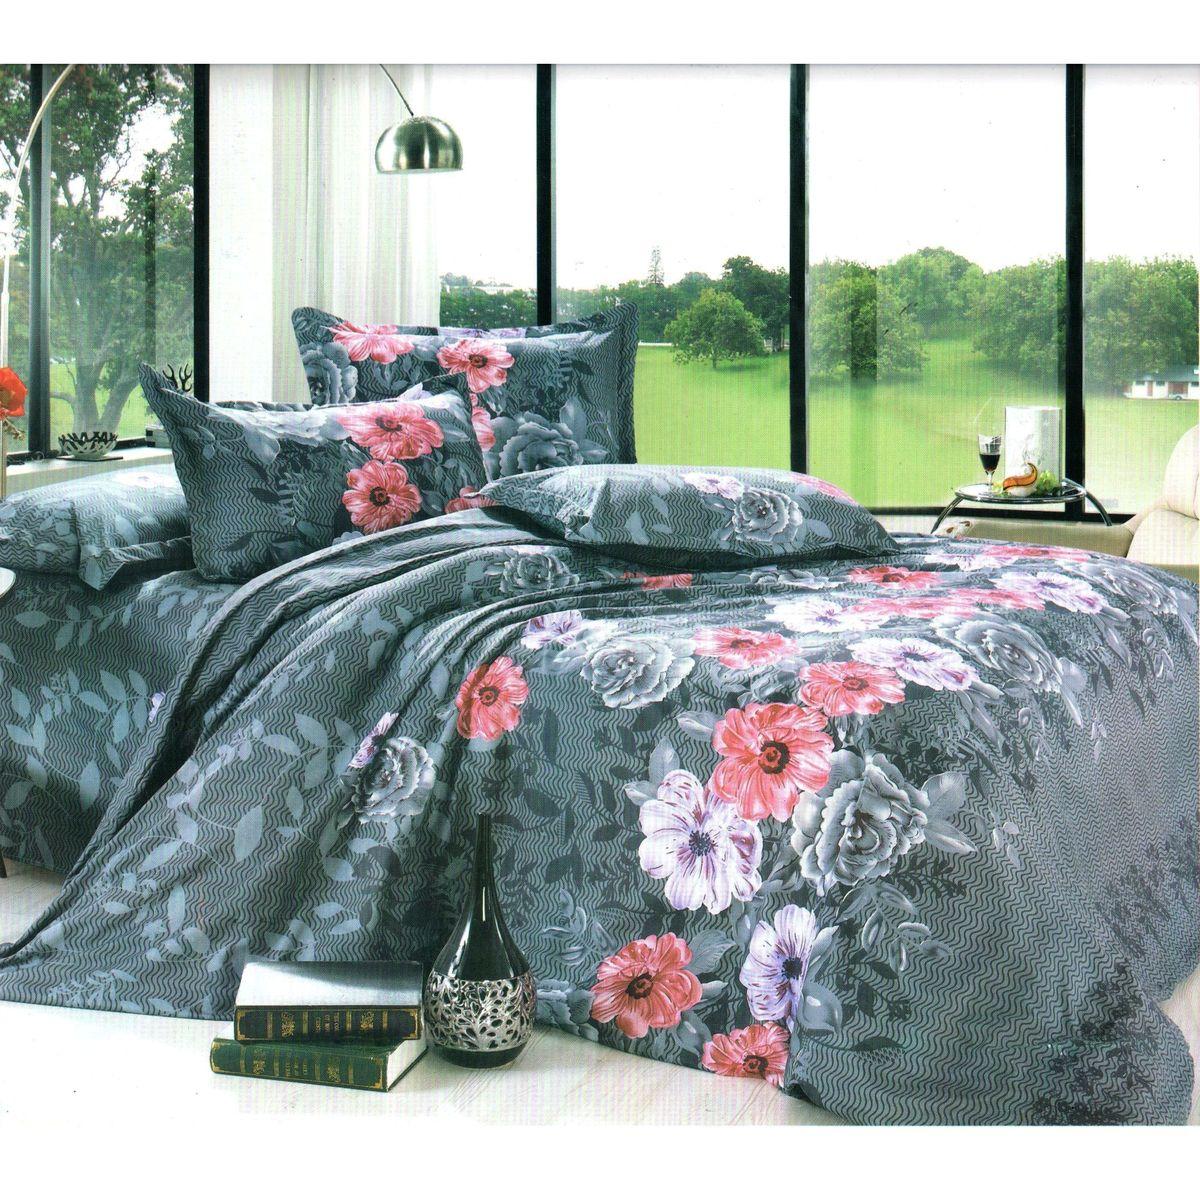 Комплект белья Этель, 1,5-спальный, наволочки 70x70. 824943824943